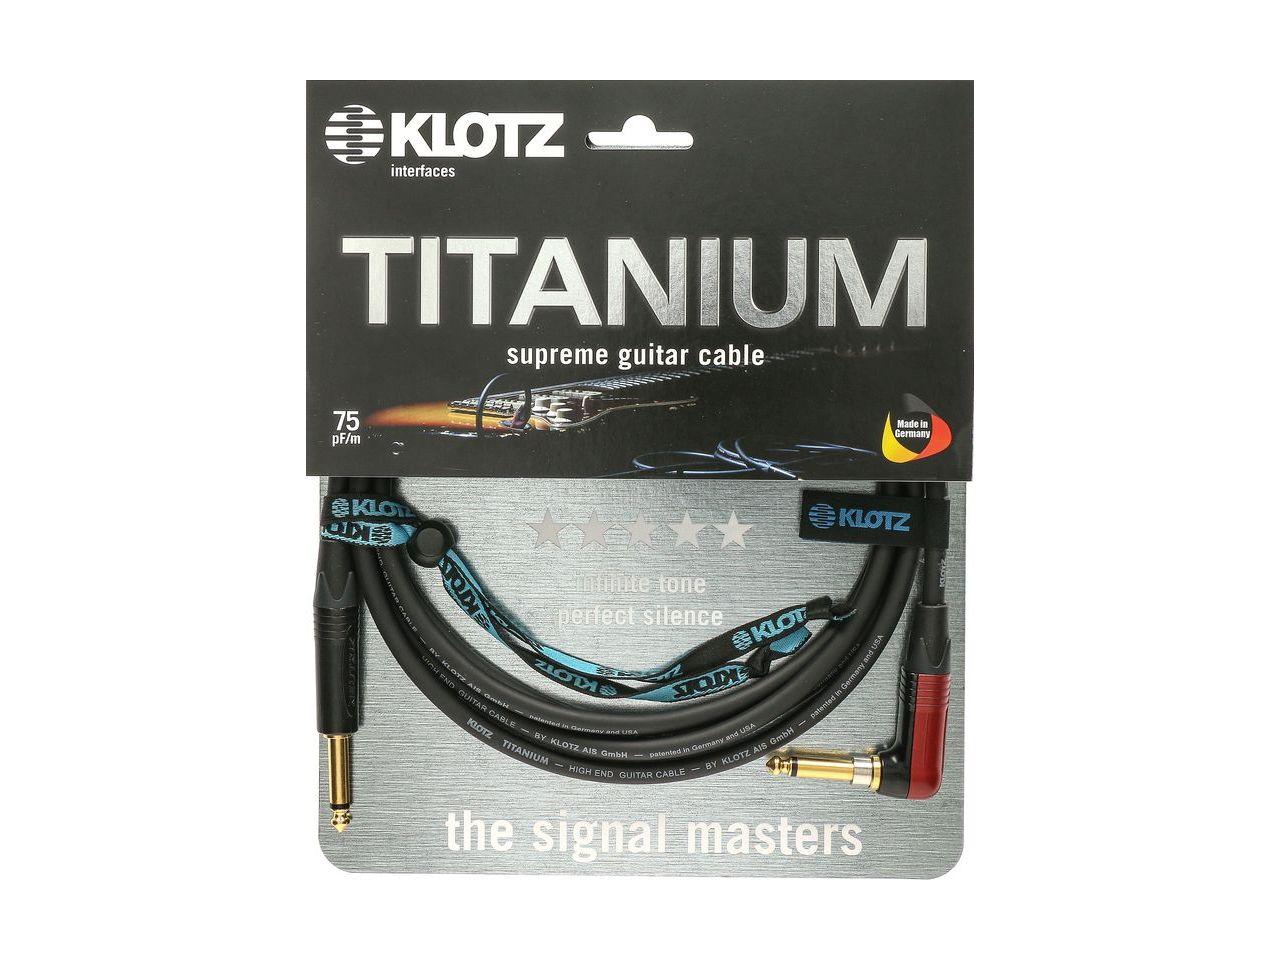 Klotz Titanium Supreme Gitarrenkabel mit Silent Plug Winkelstecker 4,5m